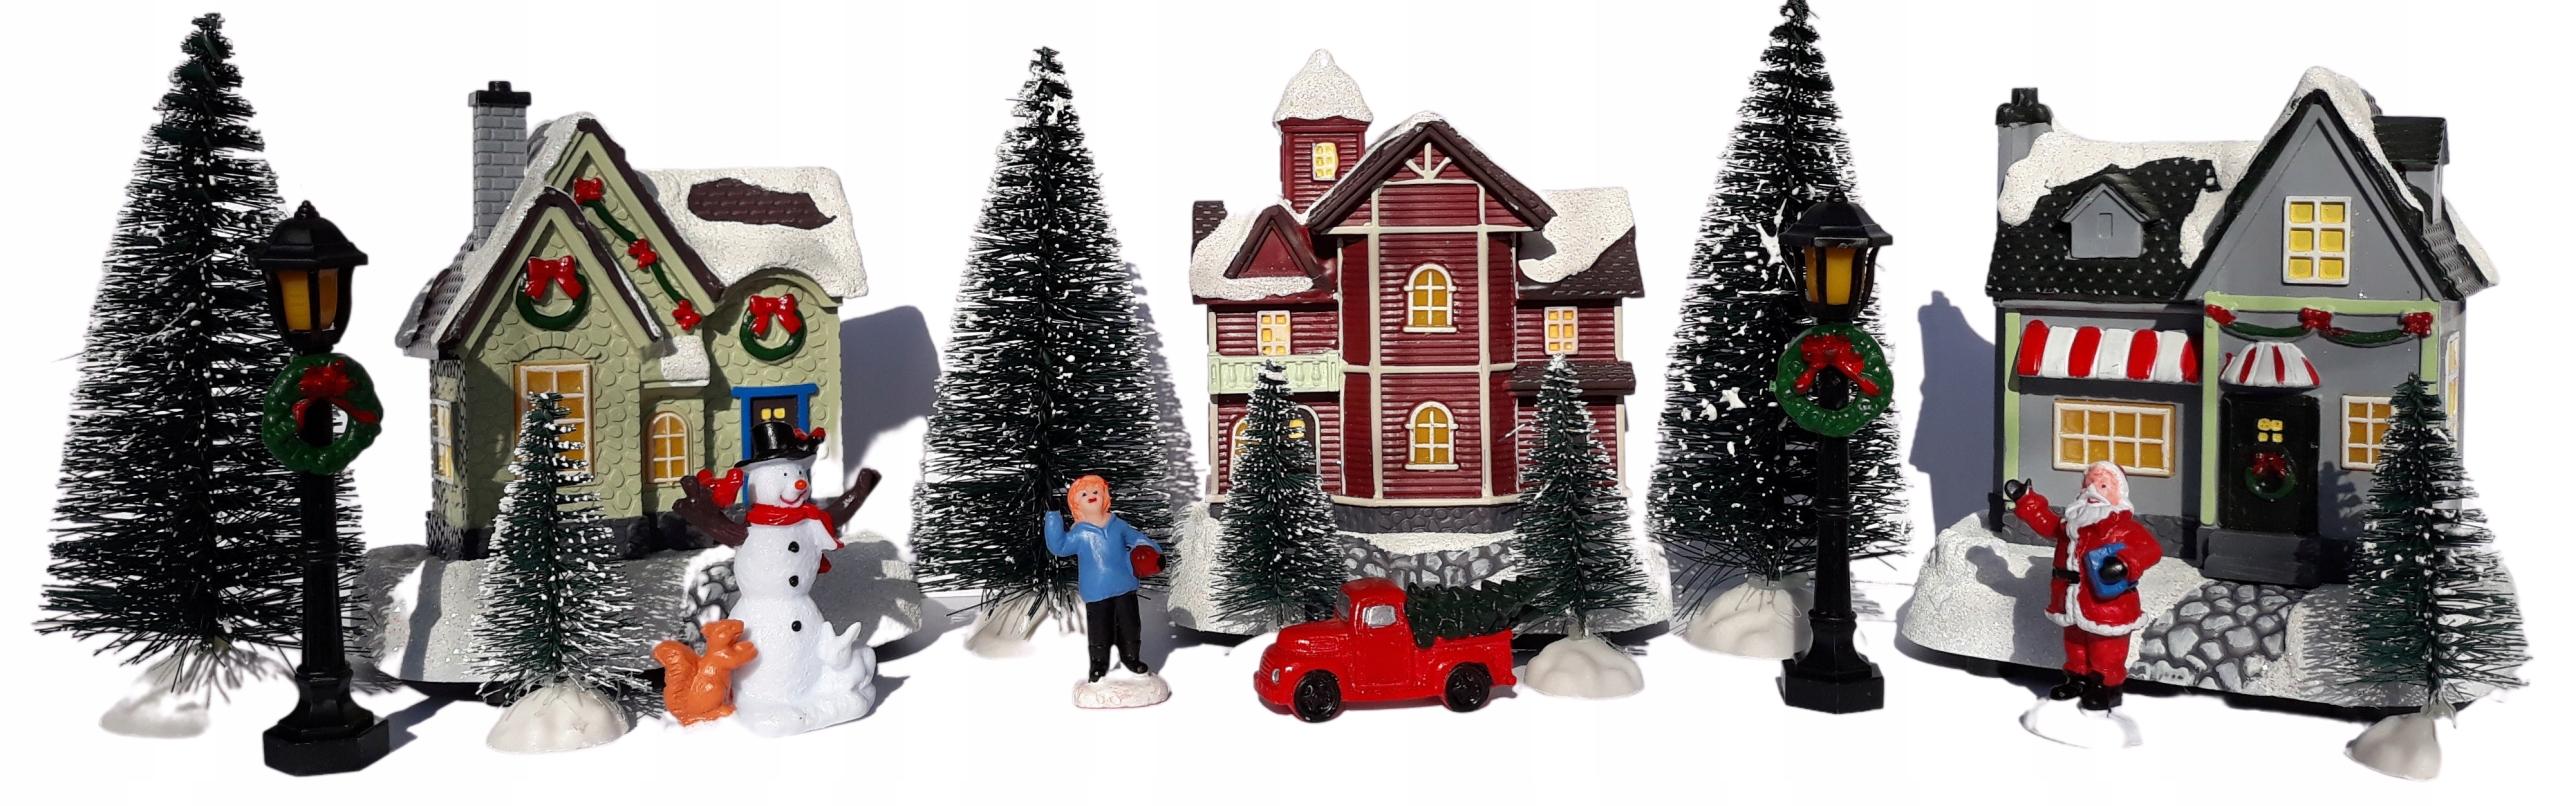 Рождественская деревня LED ФИГУРКИ Mikołaj Snowman 17 EL